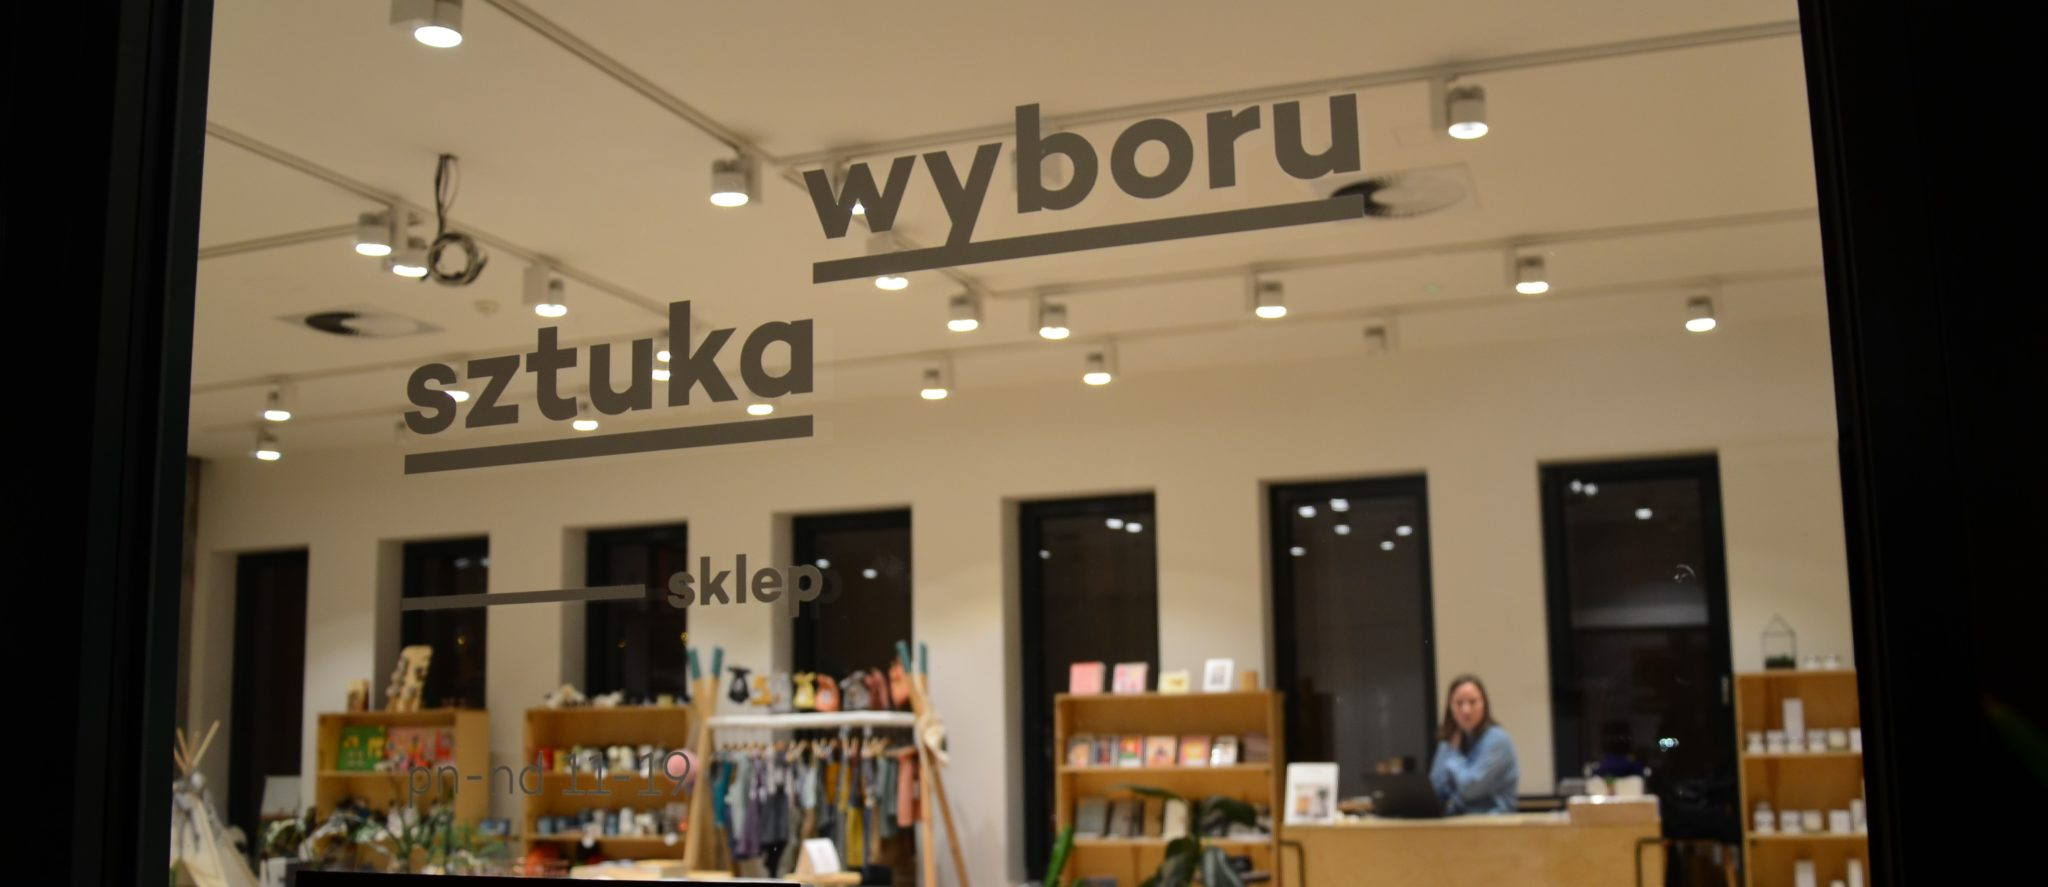 zabieram-cie-do-gdanska-sztuka-wyboru-miejsca